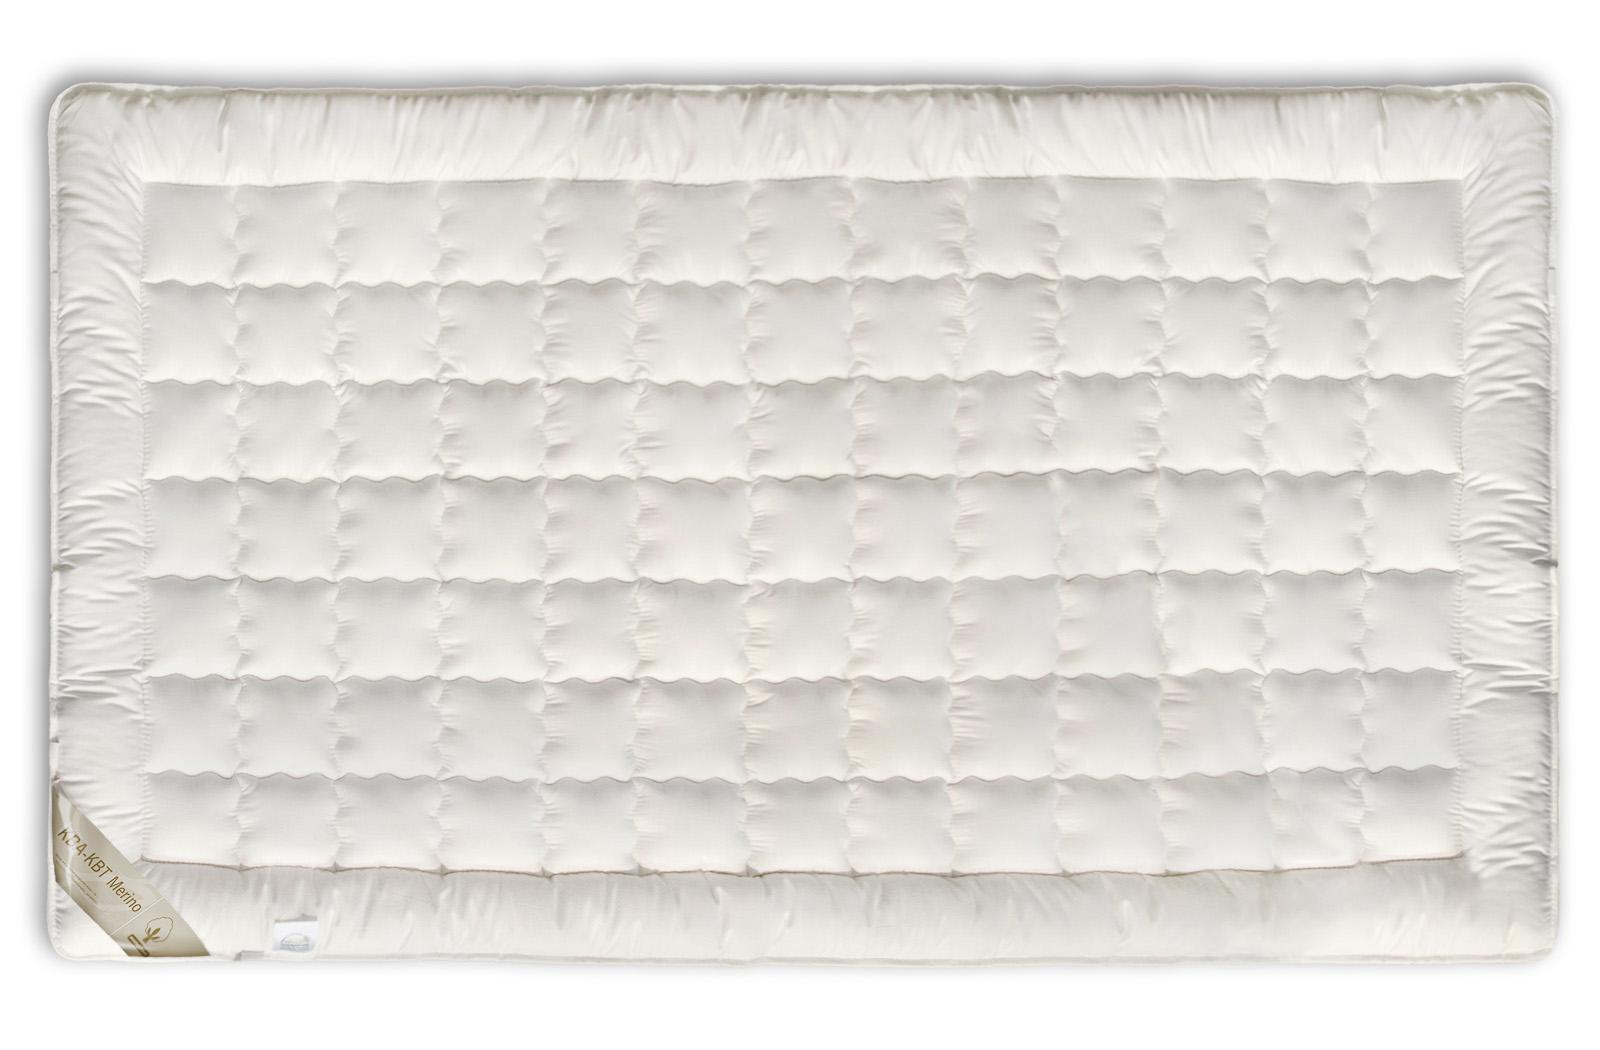 Matratzenauflage BIO KBA + KBT Merino-Schurwolle Unterbett Auflage waschbar Nadia – Bild 2